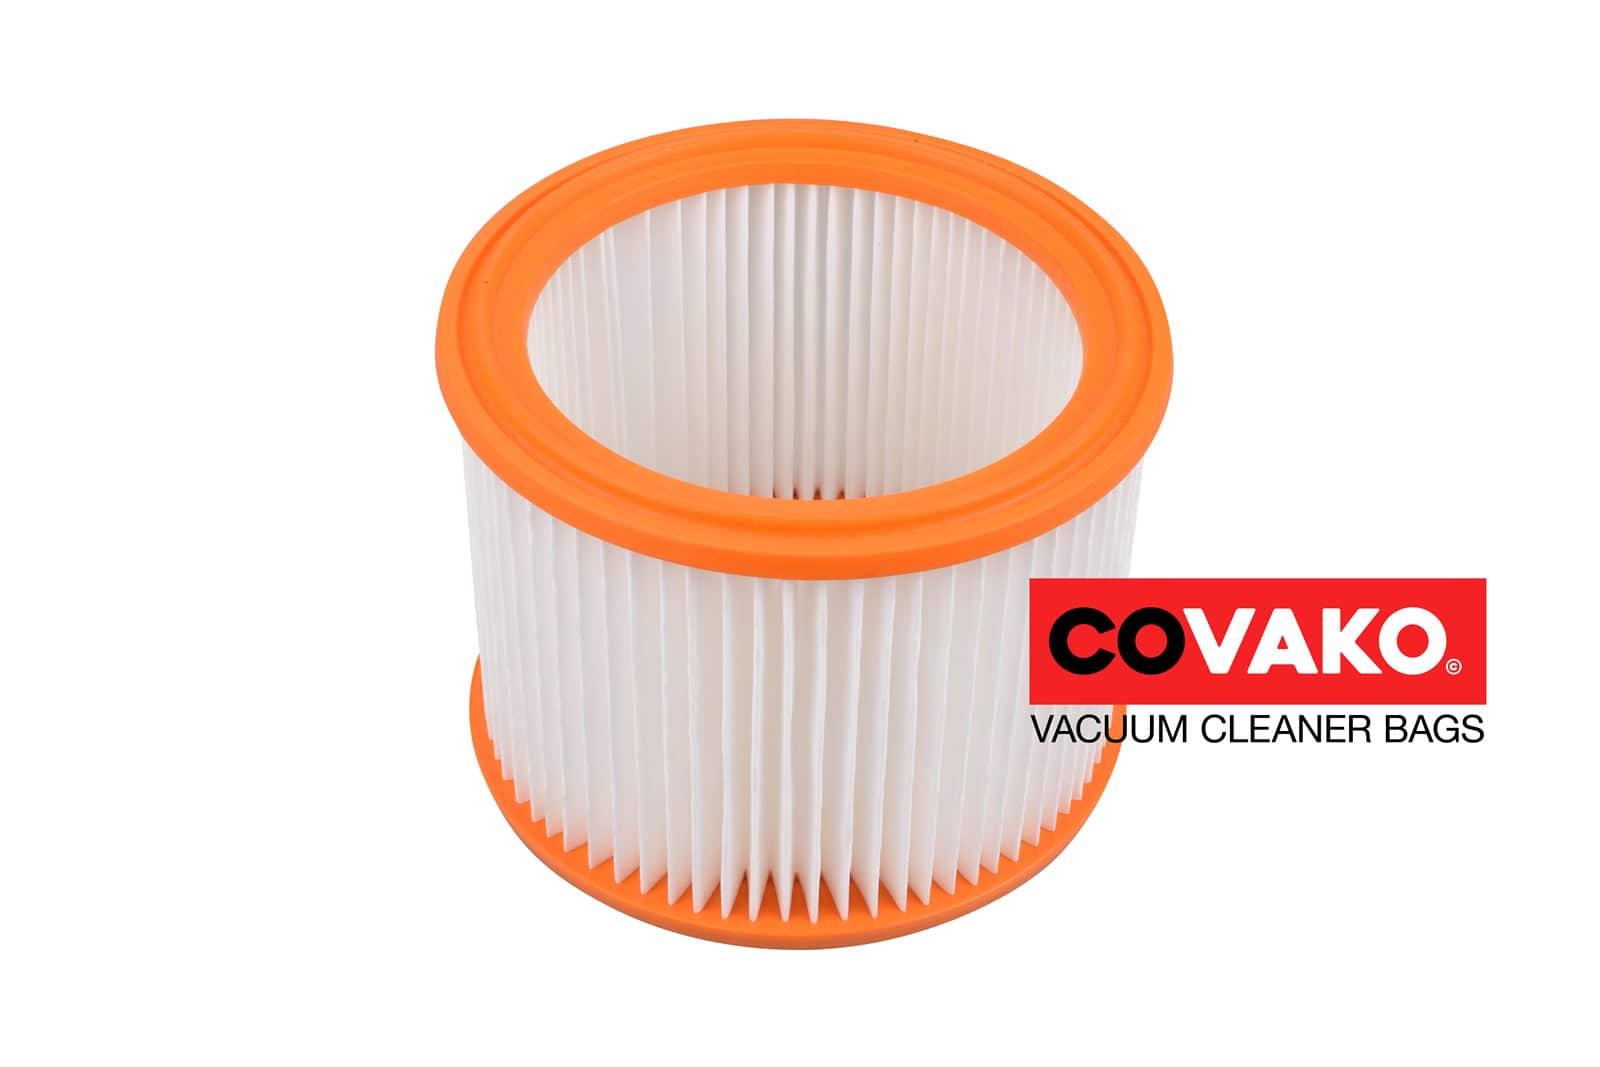 Filtre à air extrait / Partie - Abluftfiltersacs d'aspirateur